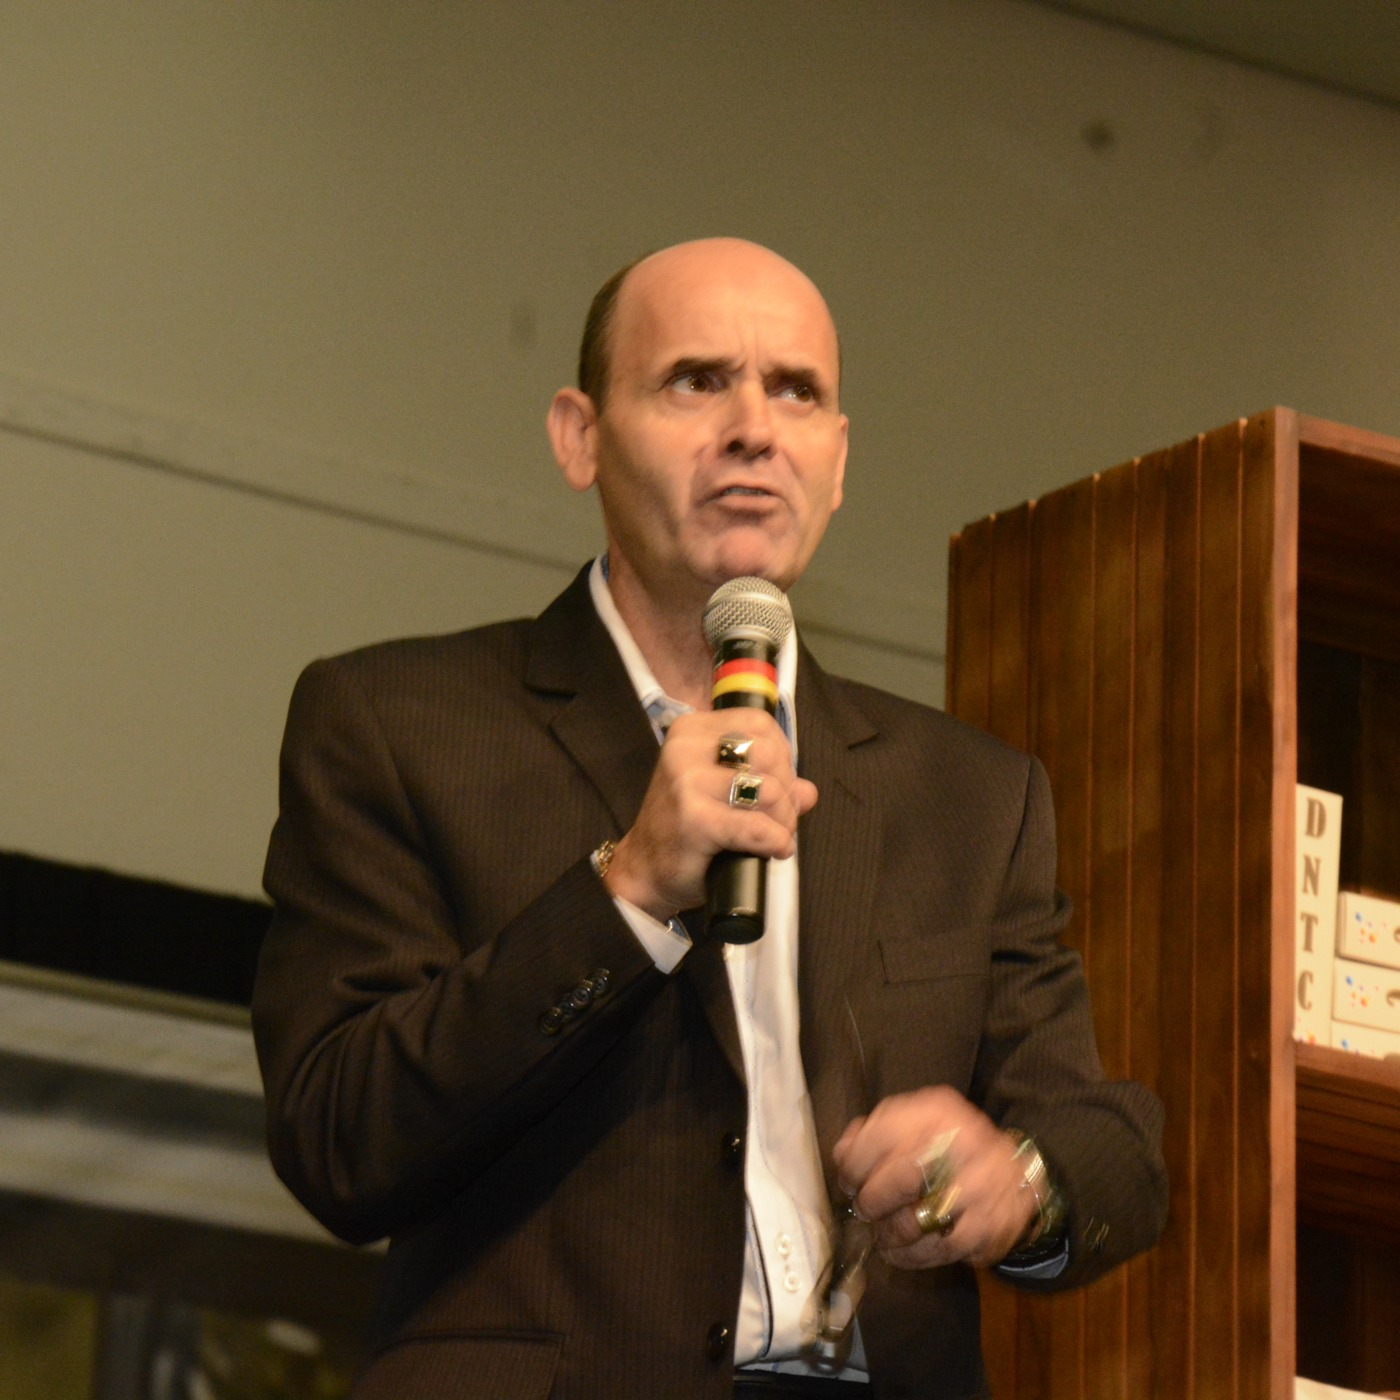 Rev. Marcos Soares Ferreira's Podcast